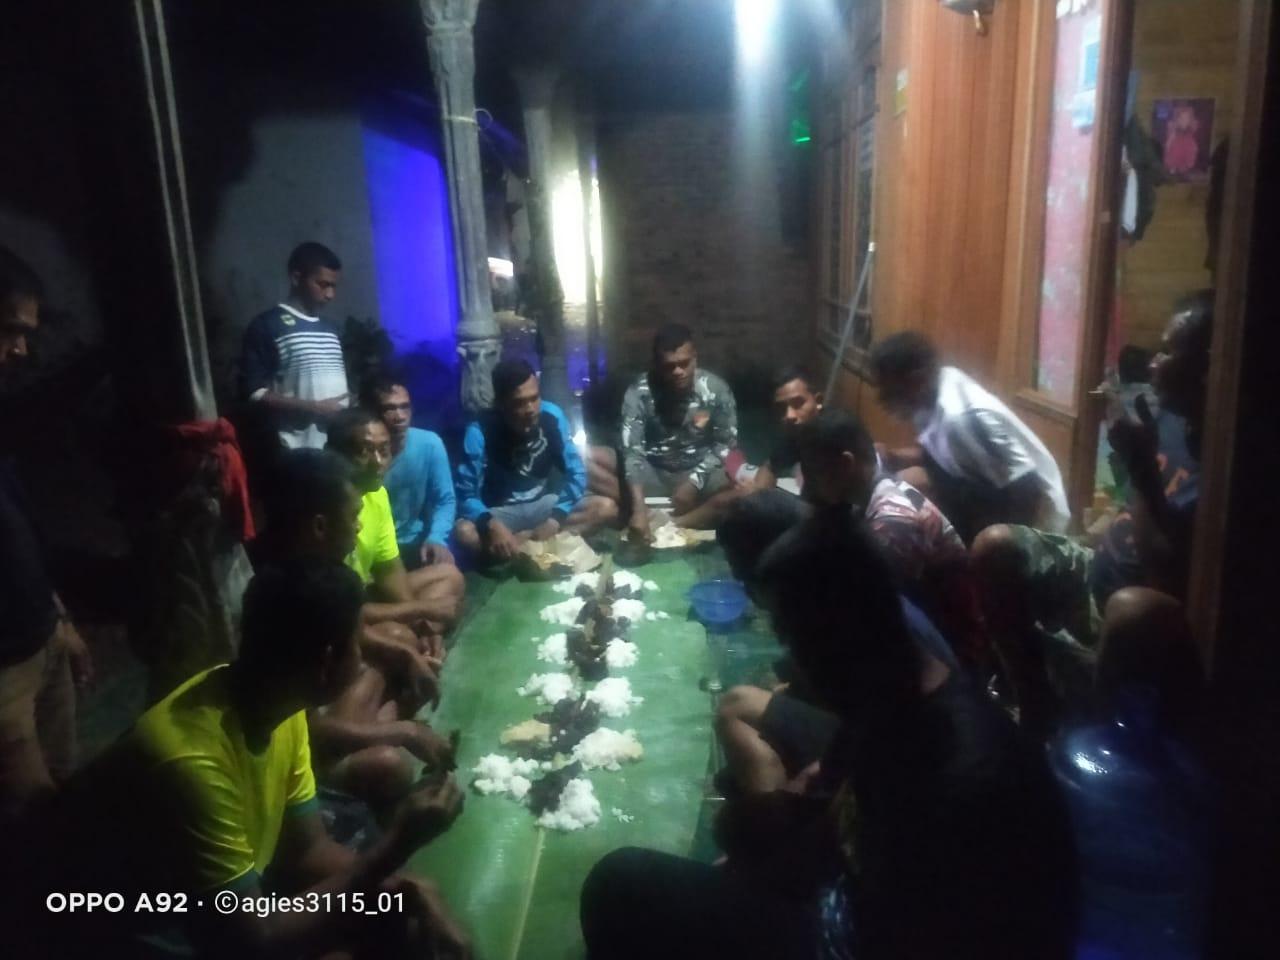 Anggota Kodim 1008/Tanjung Makan Malam Bareng Orang Tua Asuh